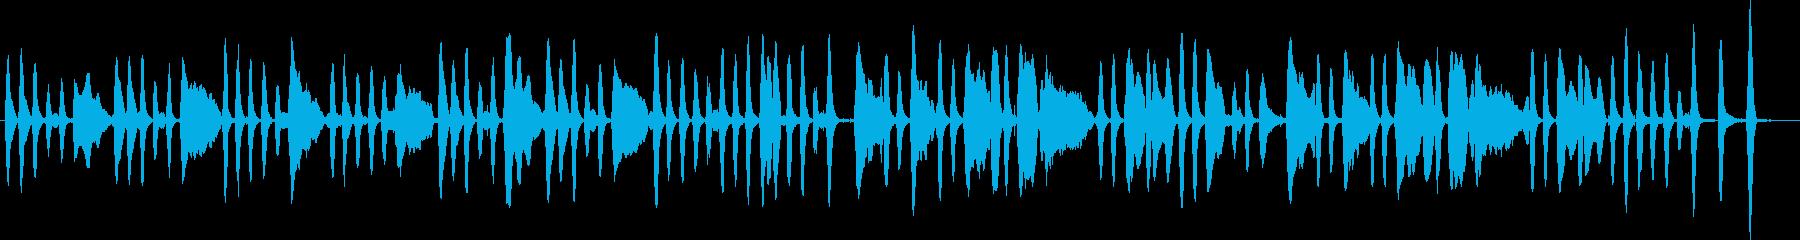 ジングルベルをヴァイオリンソロでの再生済みの波形